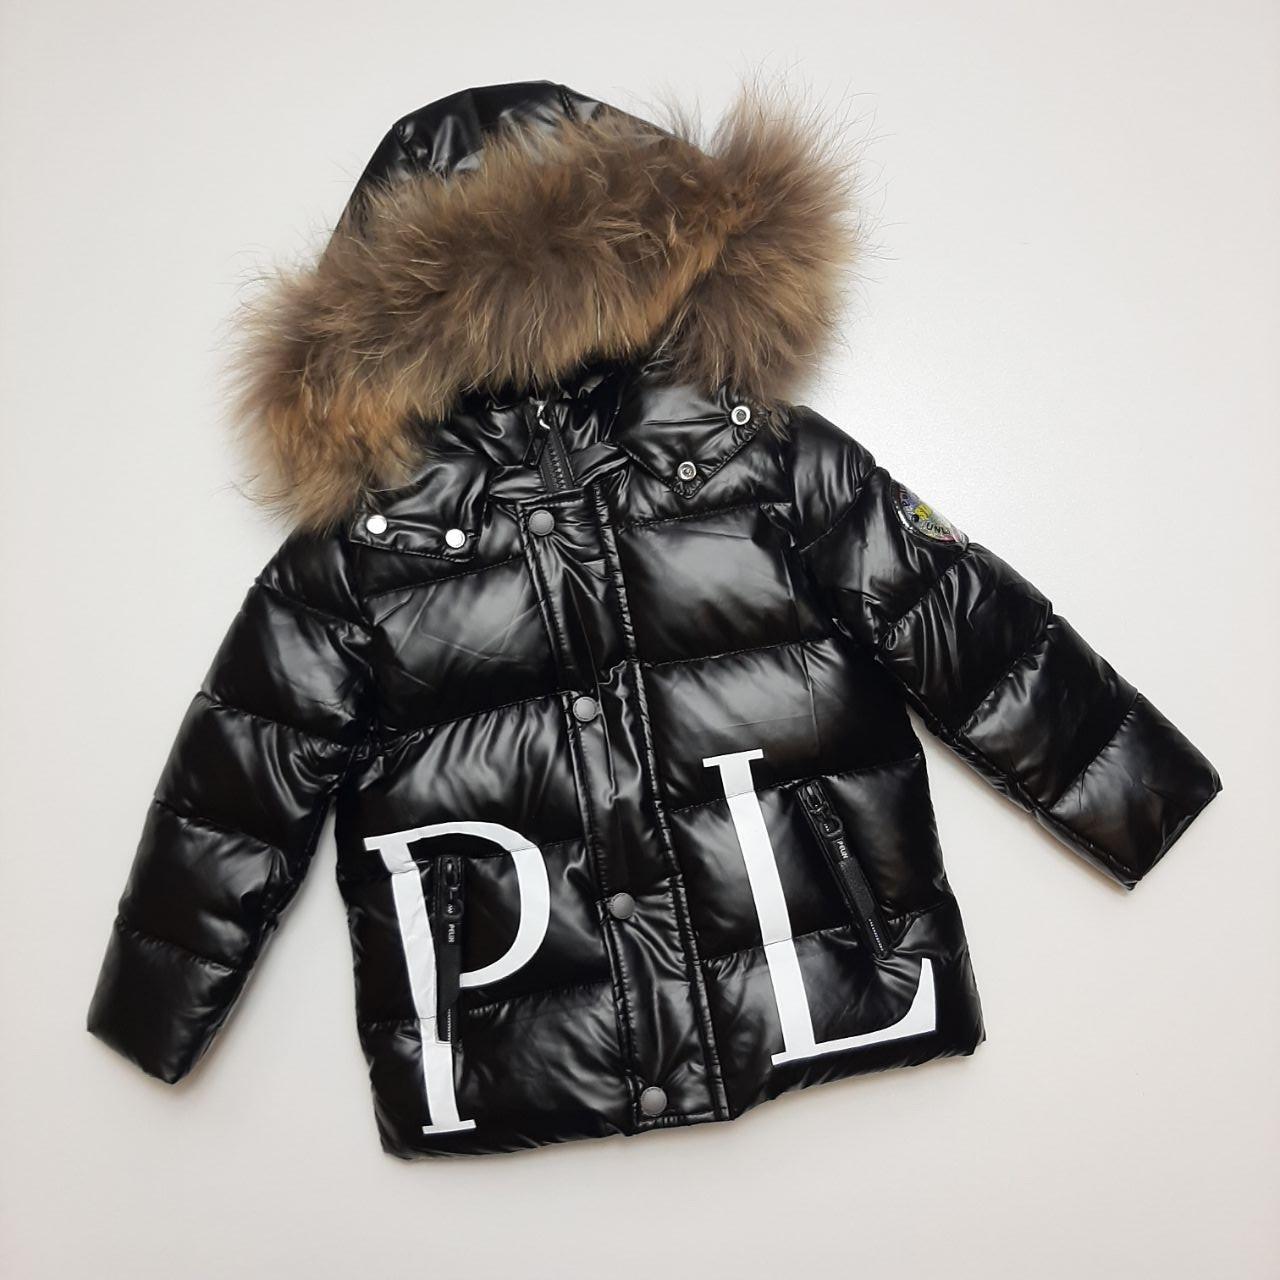 Зимняя куртка для мальчика с натуральным мехом  БИО-ПУХ Чёрный р. 92, 110